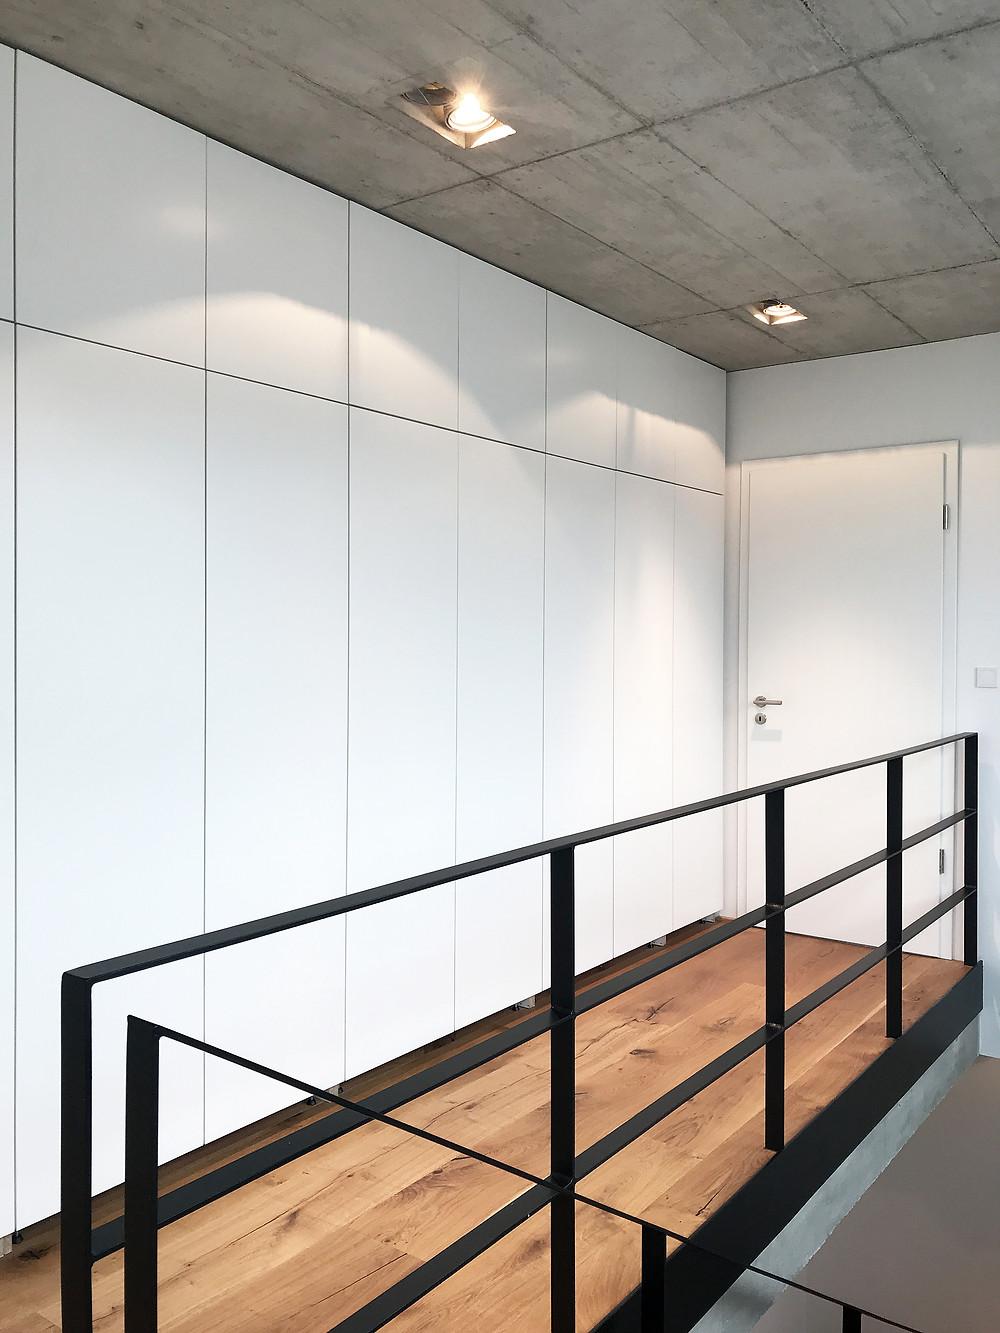 Wohnhaus in Herdecke - Flur DG - kirschnick architektur BDA